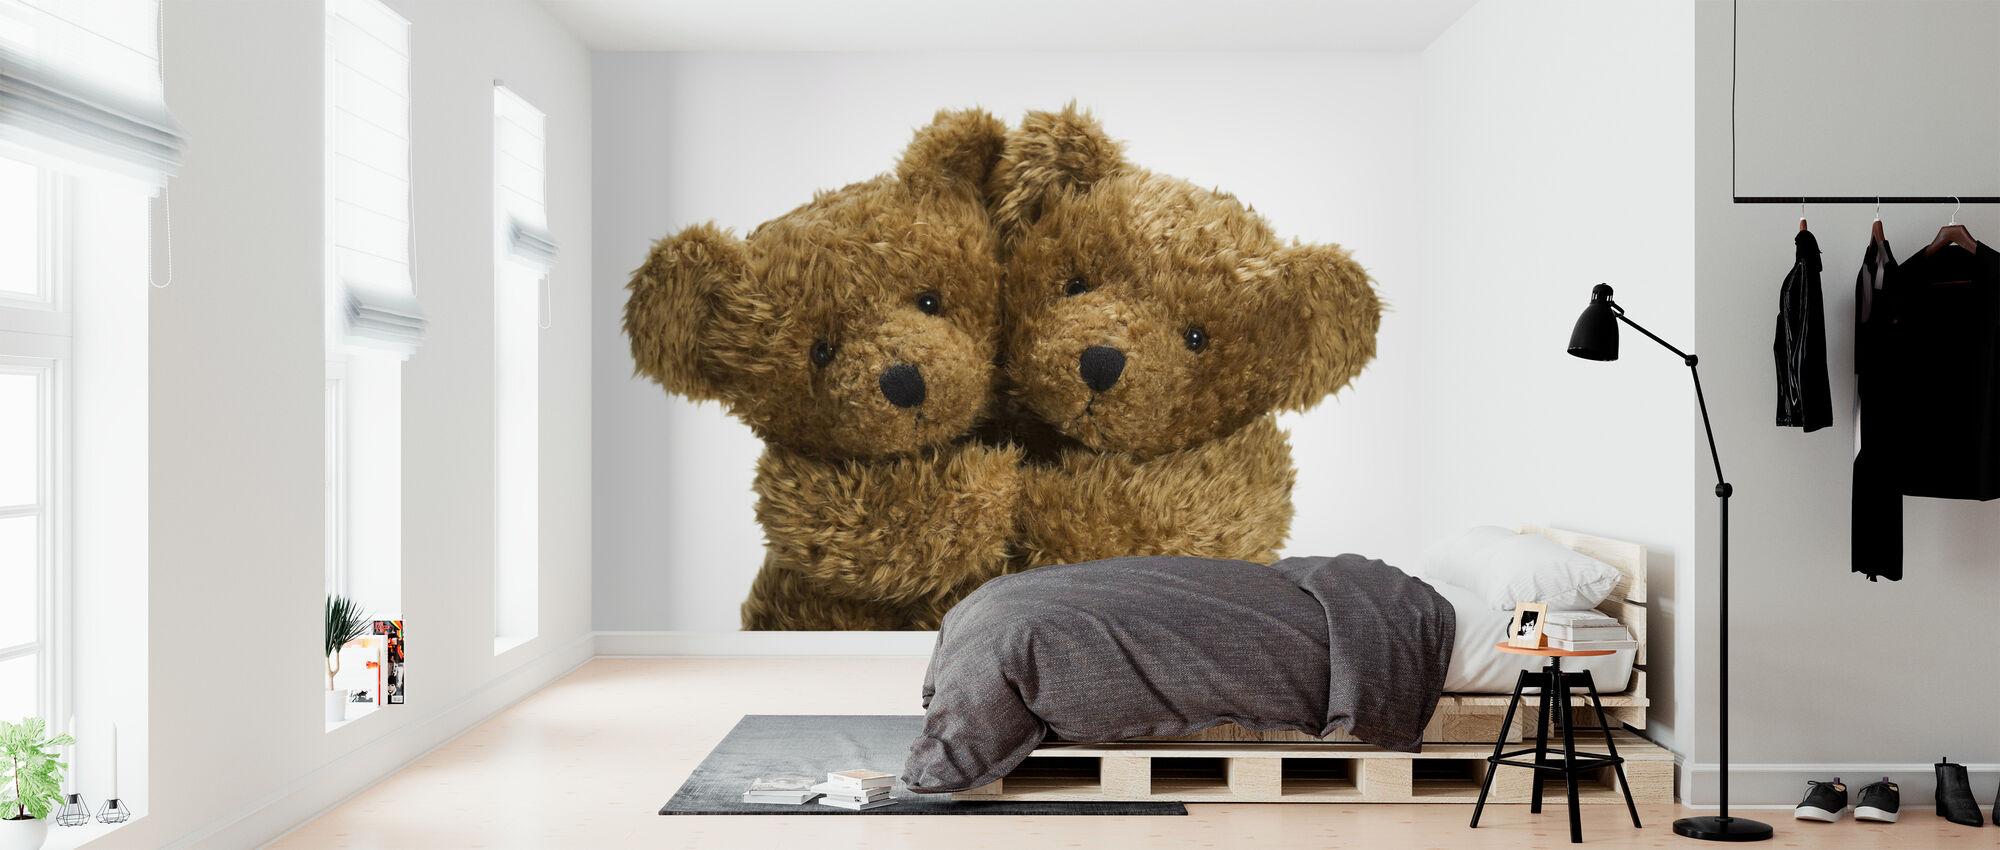 Cuddling Teddy Bears - Wallpaper - Bedroom